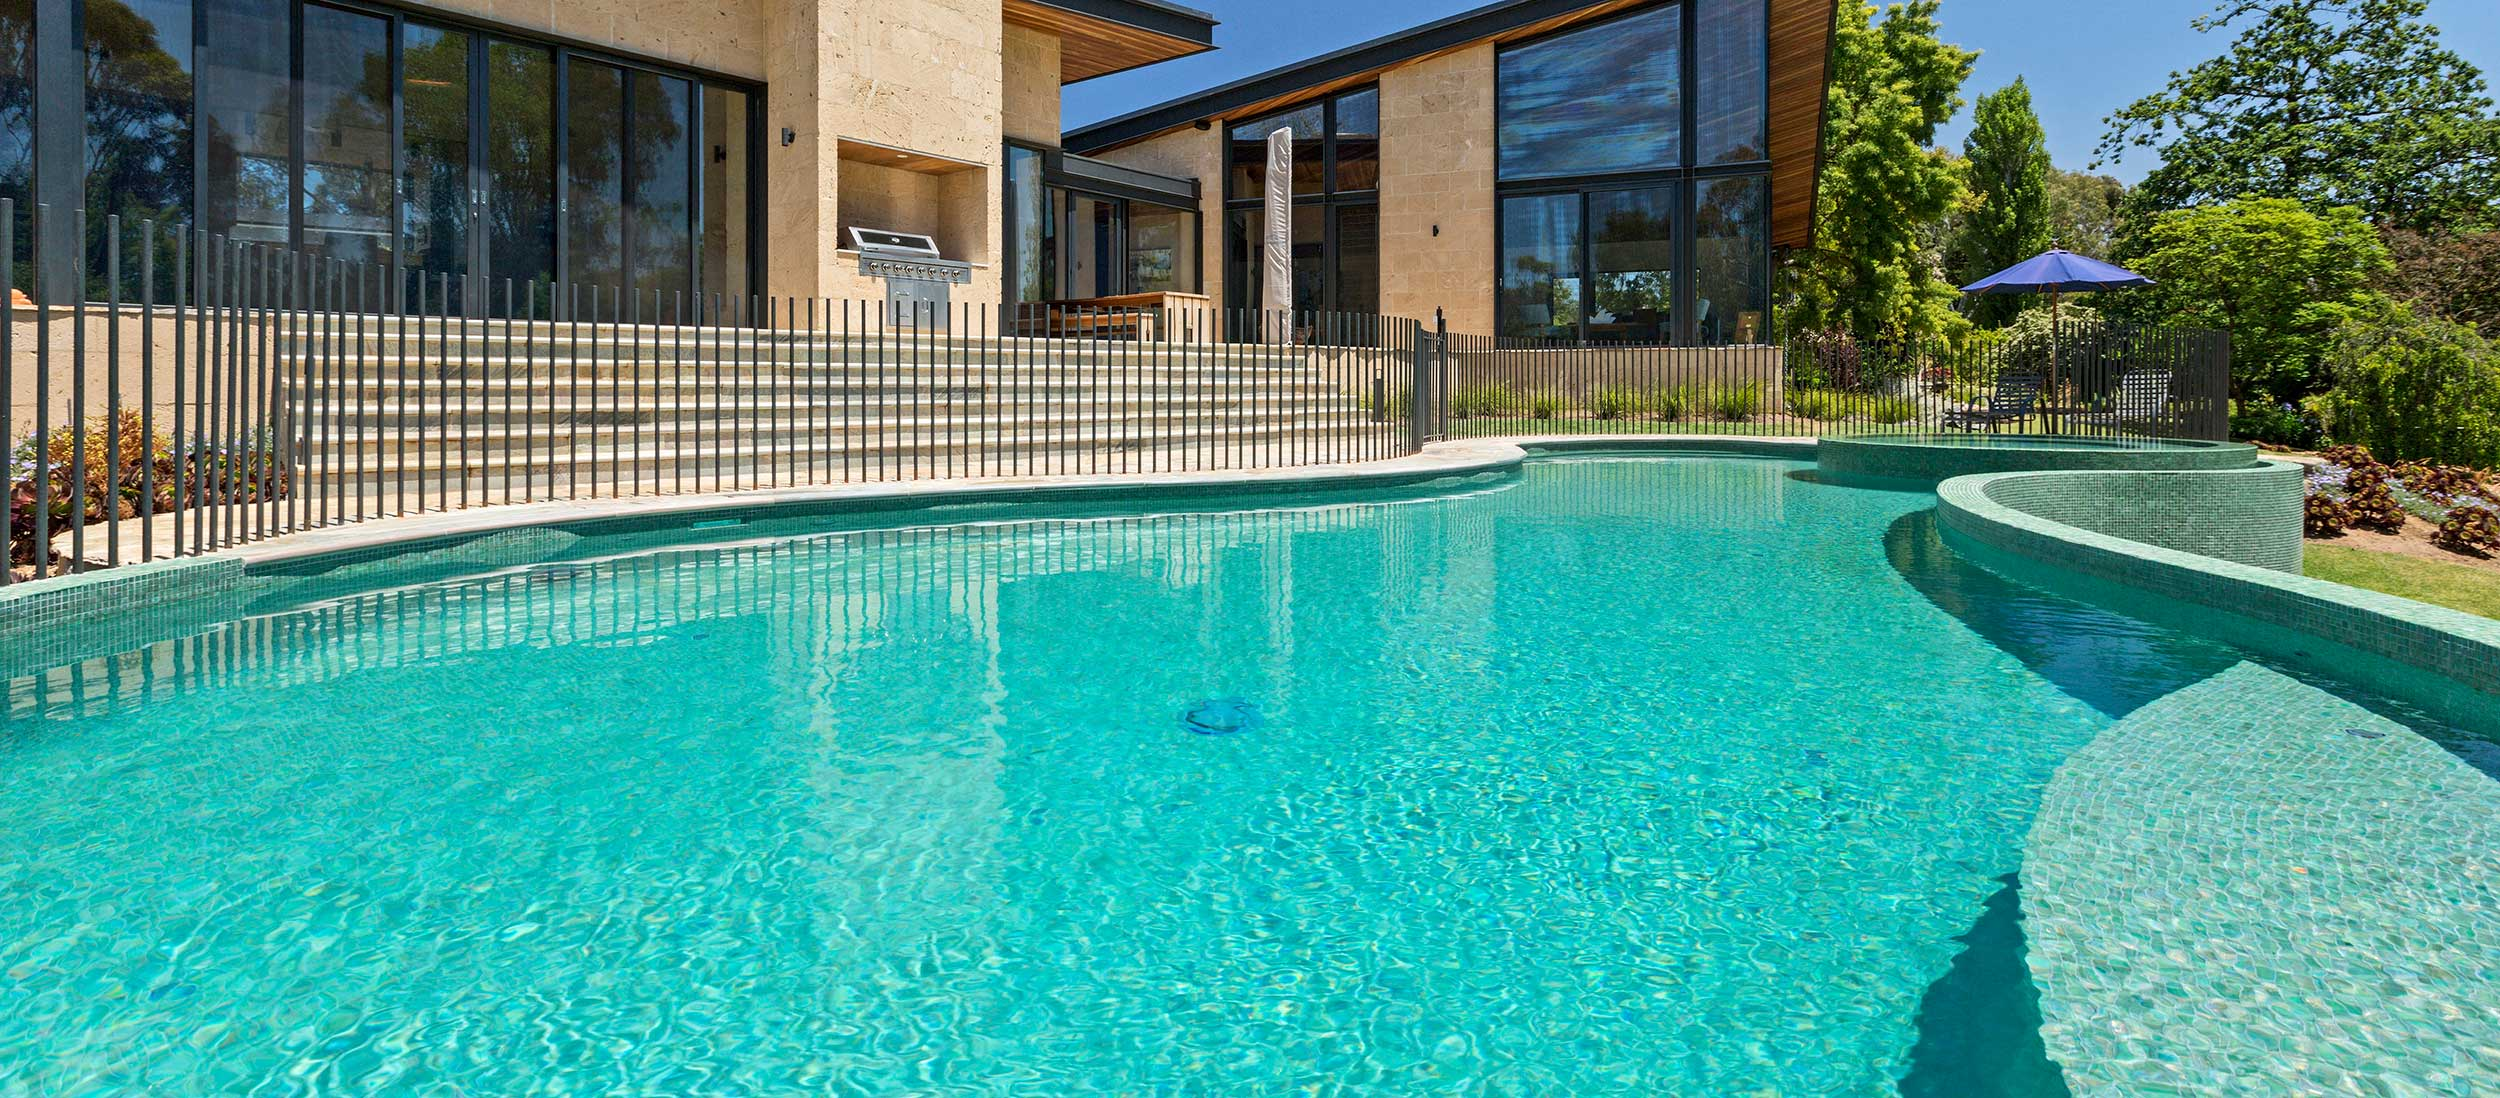 Melbourne Swimming Pool Designer Landscape Architect Melbourne Pool Builder Melbourne